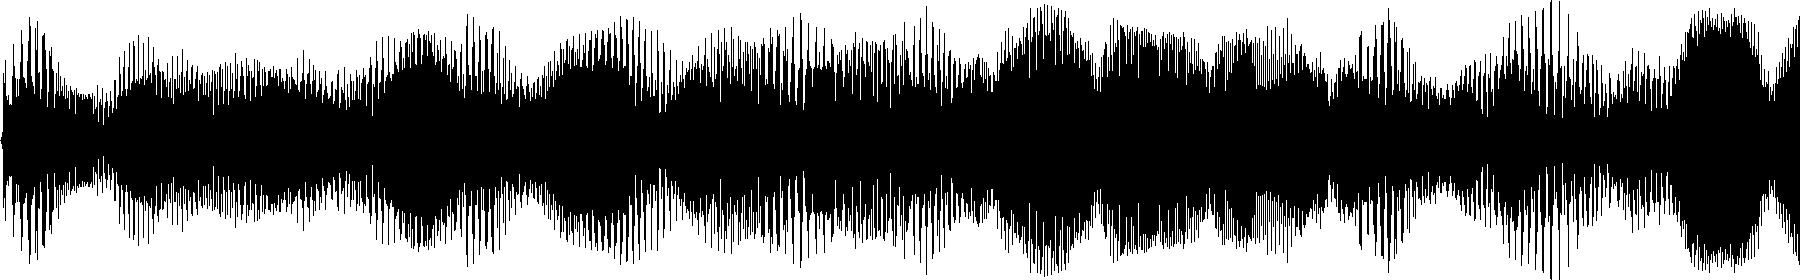 265151 reesey bass 90bpm d